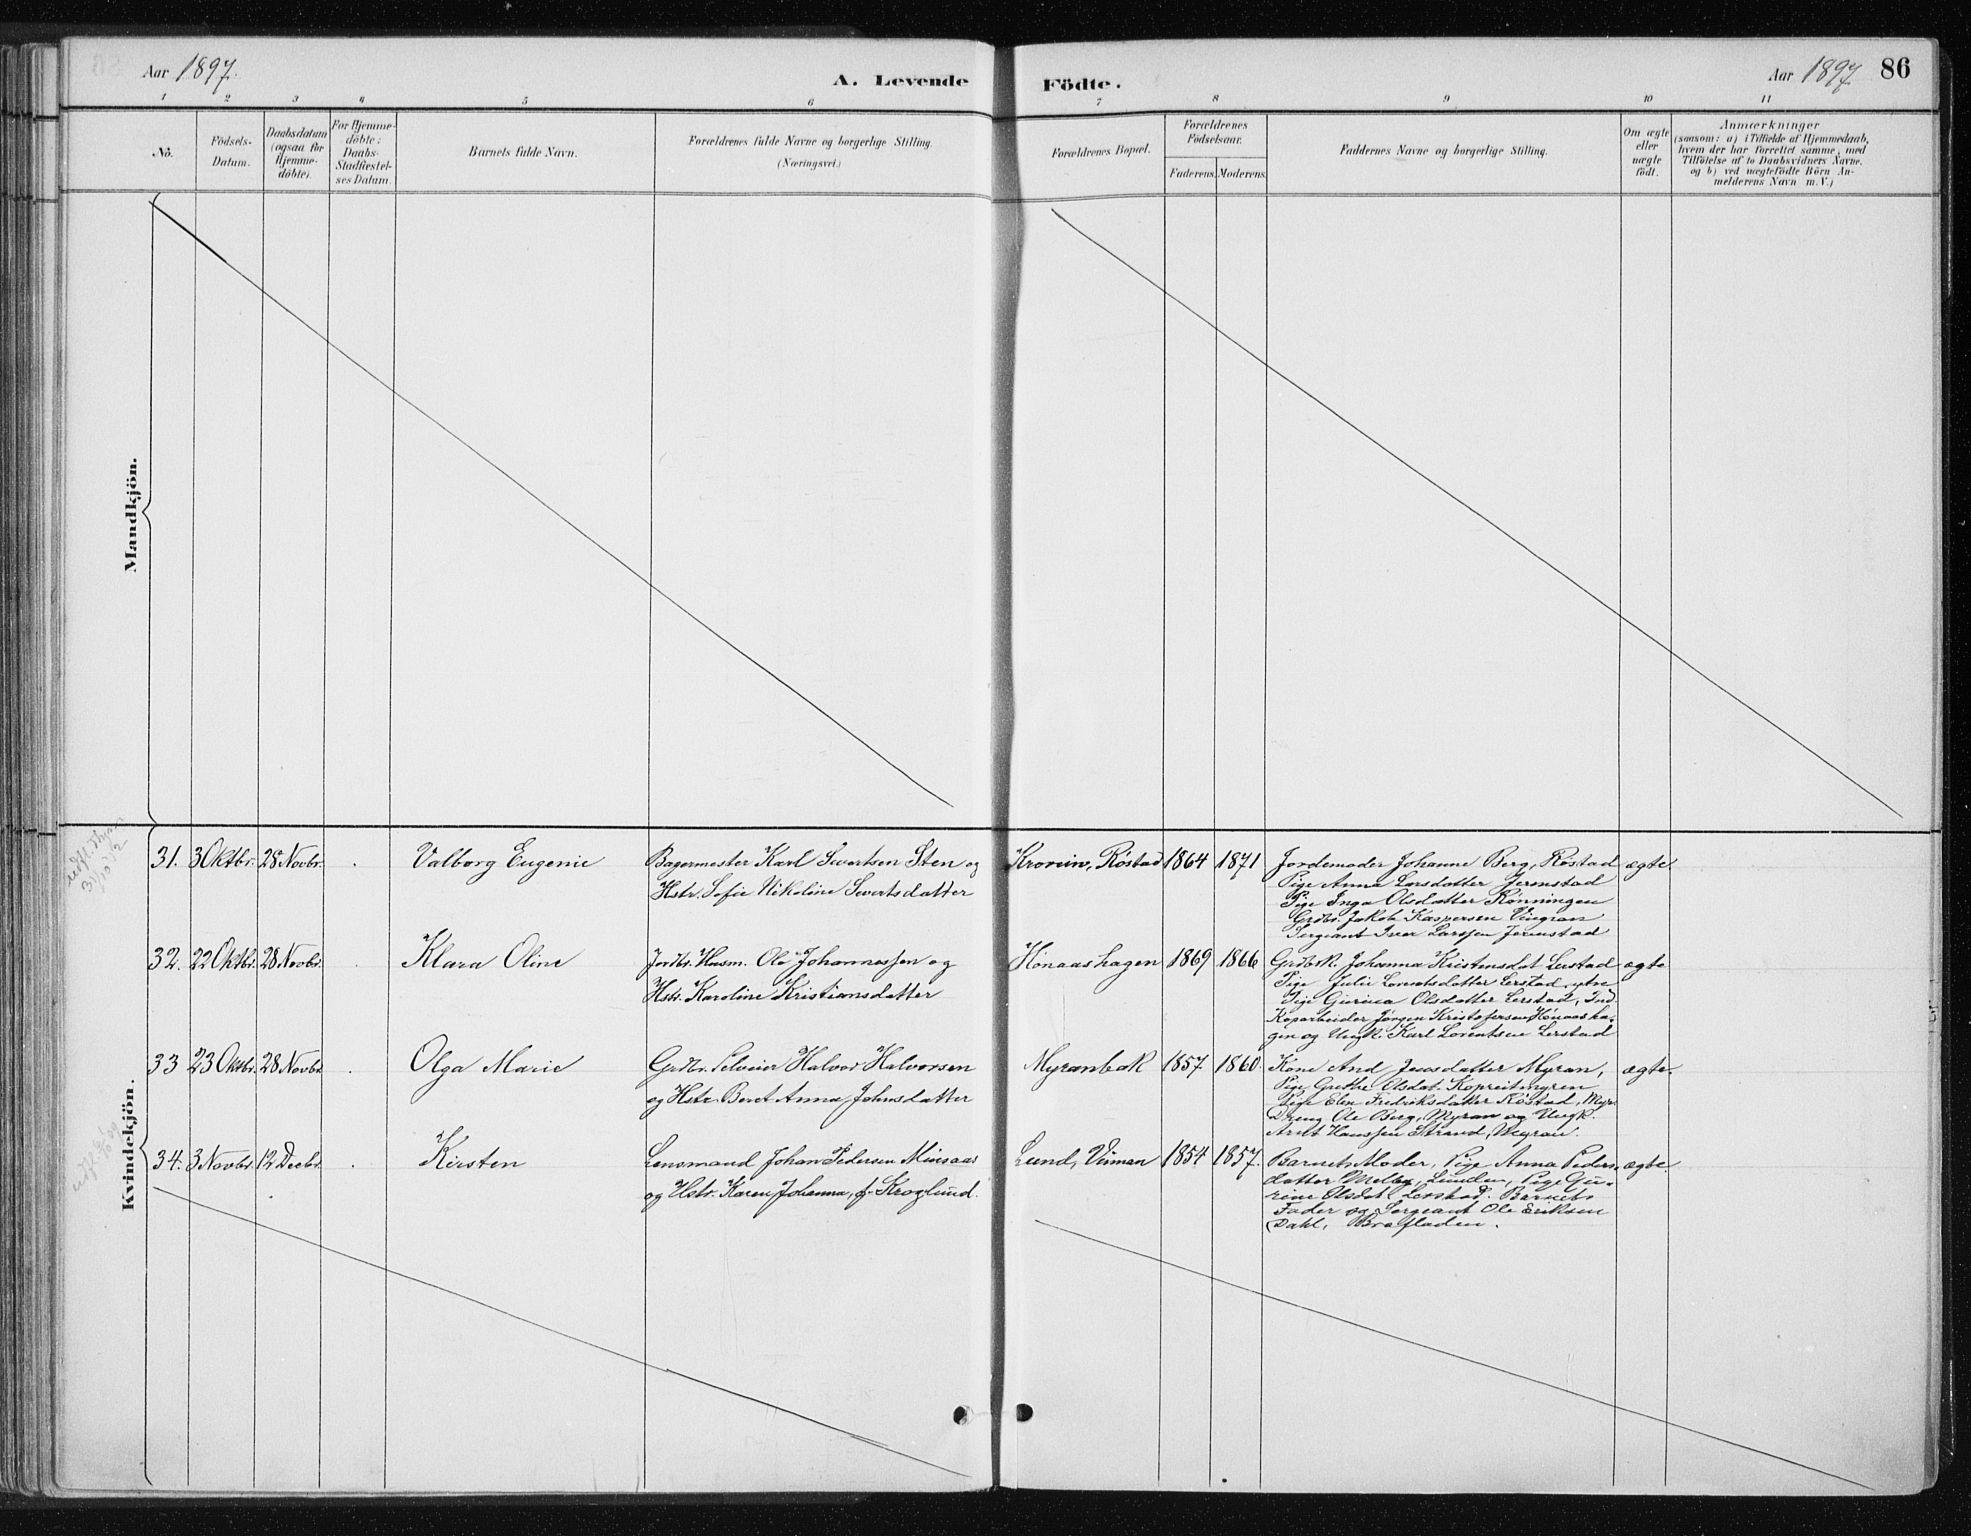 SAT, Ministerialprotokoller, klokkerbøker og fødselsregistre - Nord-Trøndelag, 701/L0010: Ministerialbok nr. 701A10, 1883-1899, s. 86